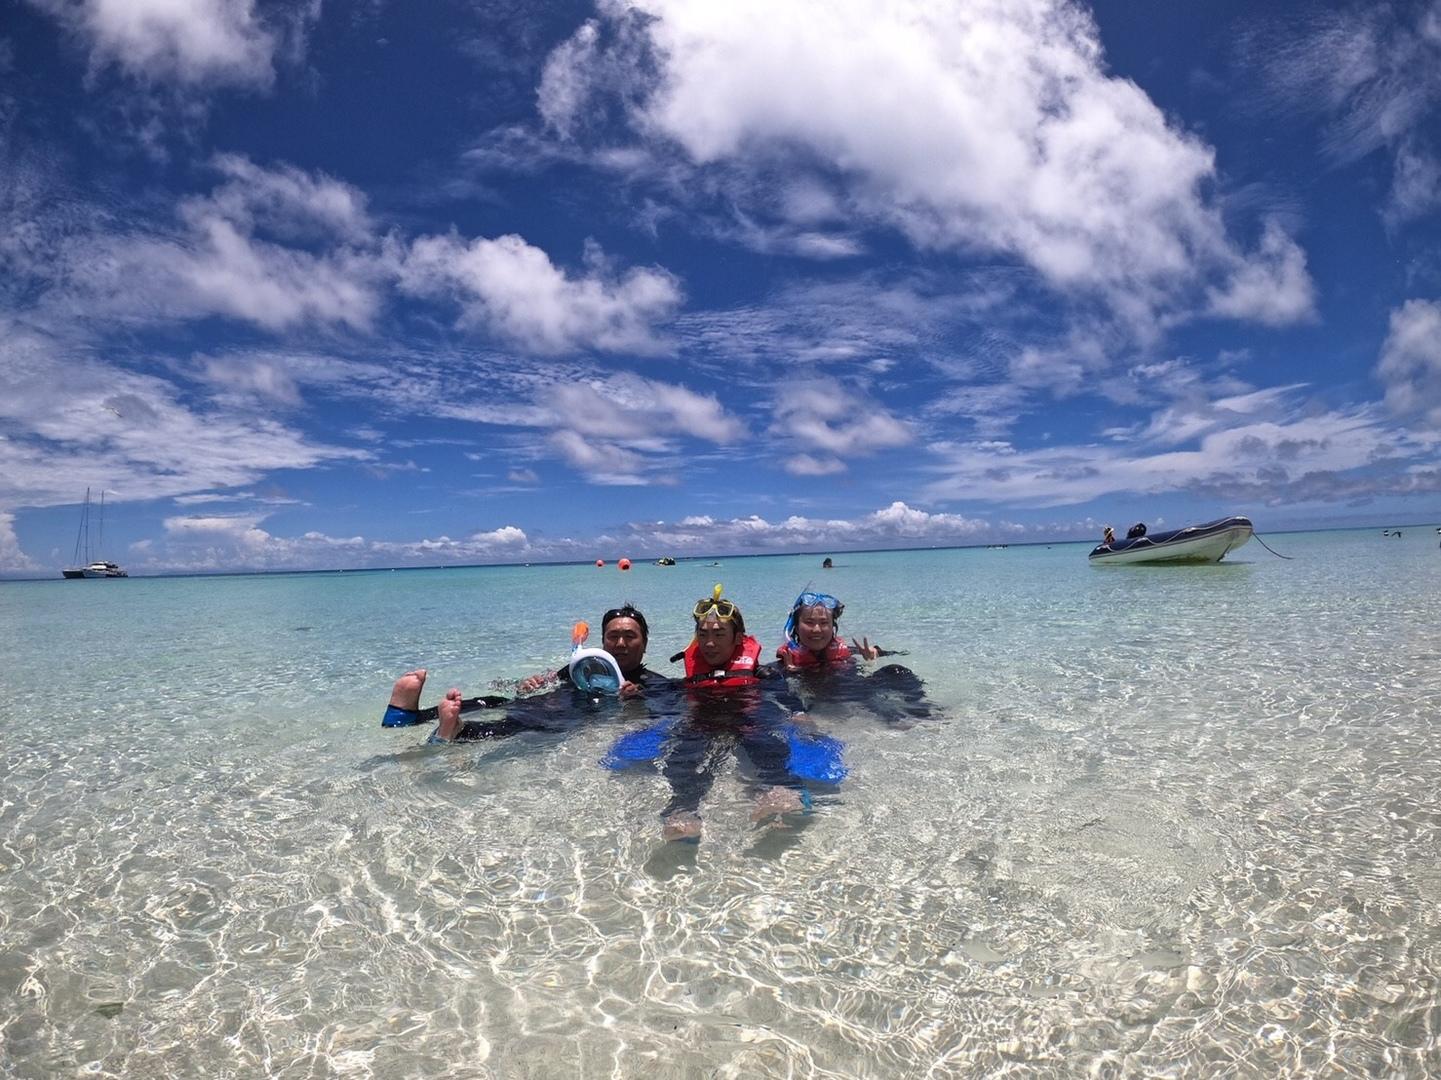 とっても綺麗な無人島、ミコマスケイ。 海岸から歩いて海に入るとすぐに熱帯魚に遭遇できました。シュノーケリングをしてるとあっという間にグレートバリアリーフ、壮大なサンゴ礁の上で、時間を忘れて魚と一緒に泳いでました。 島には海鳥がたくさんいるので鳥が苦手な人は怖いかも? 船での食事も充実してて、朝の軽食、昼食、帰りのシャンパン、おつまみなど全て付いていたのでお得だと思います。